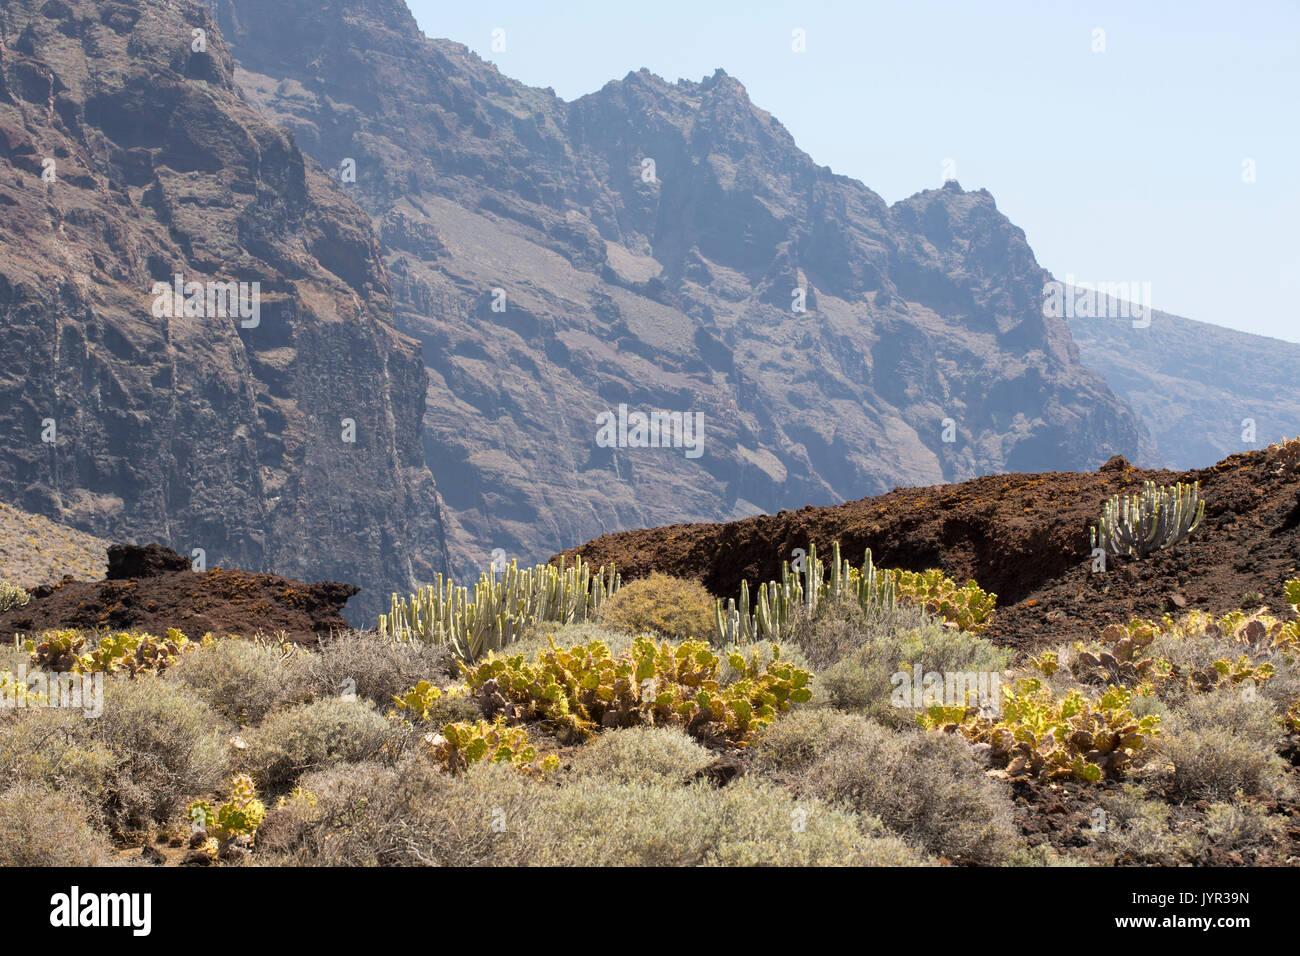 Punta de Teno, dem westlichsten Punkt auf Teneriffa auf den Kanarischen Inseln. Stockbild